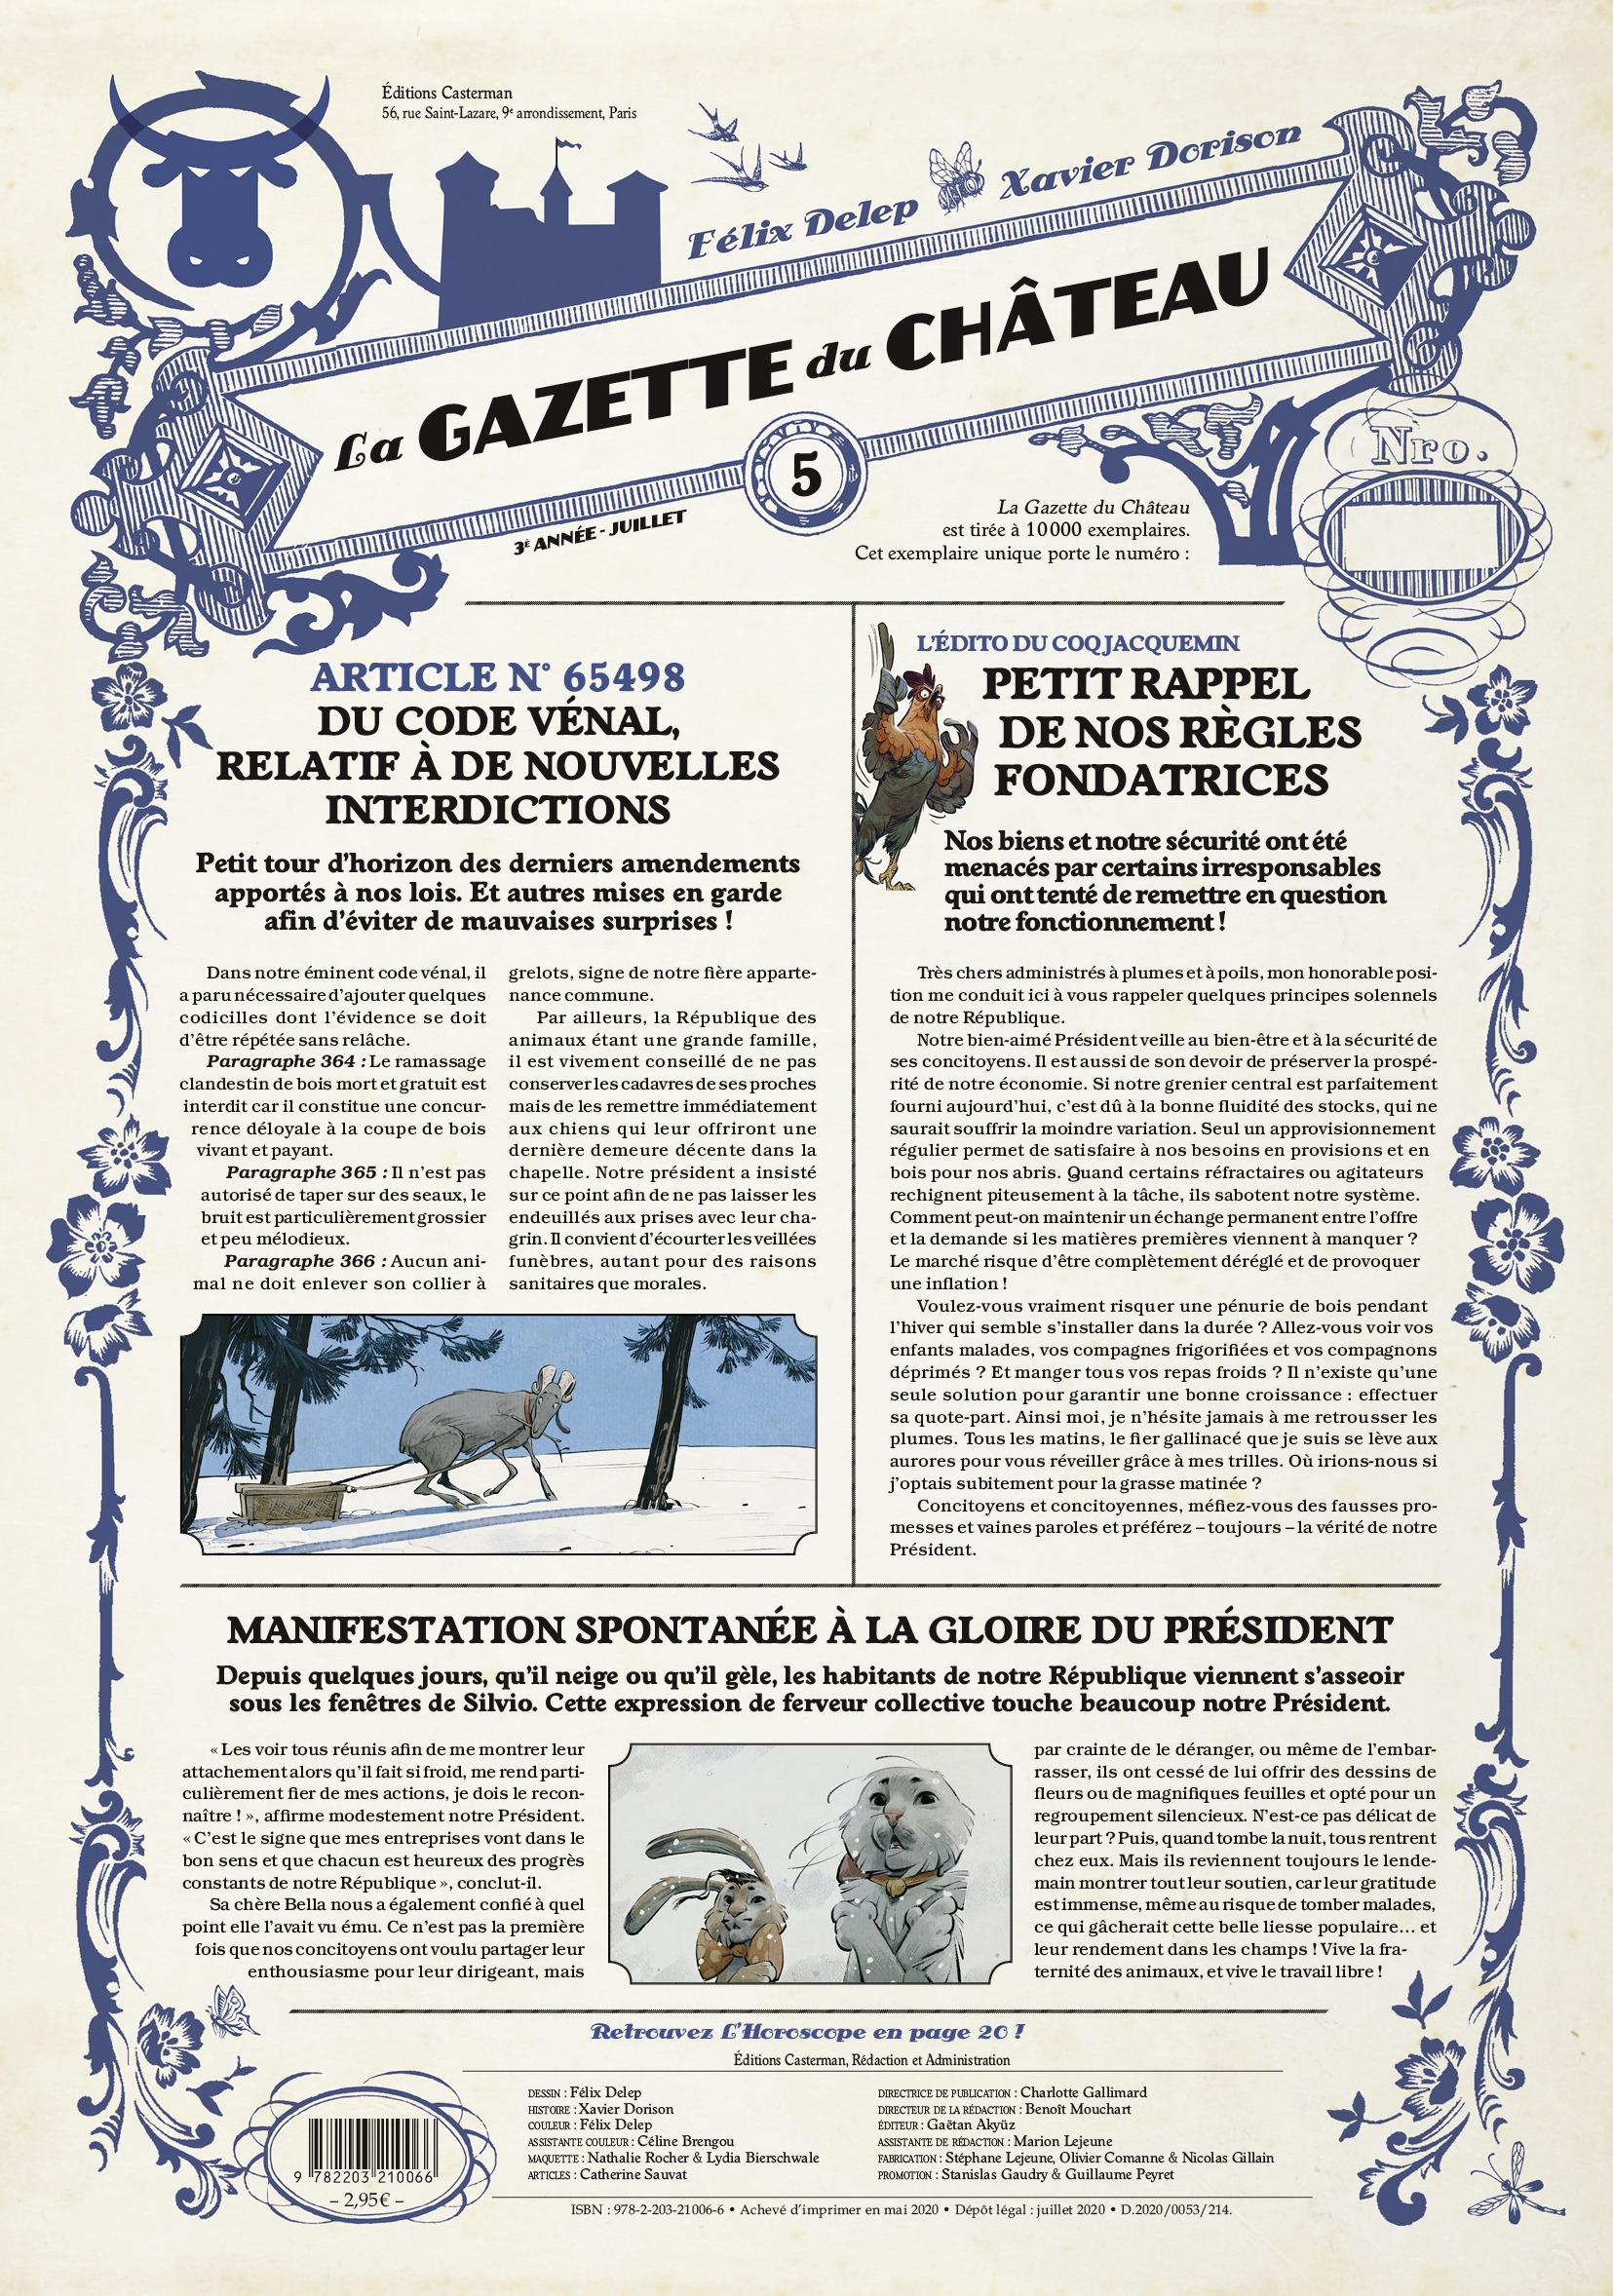 Le château des animaux 5 - La Gazette du Château - Les Marguerites de l'hiver (2/3)